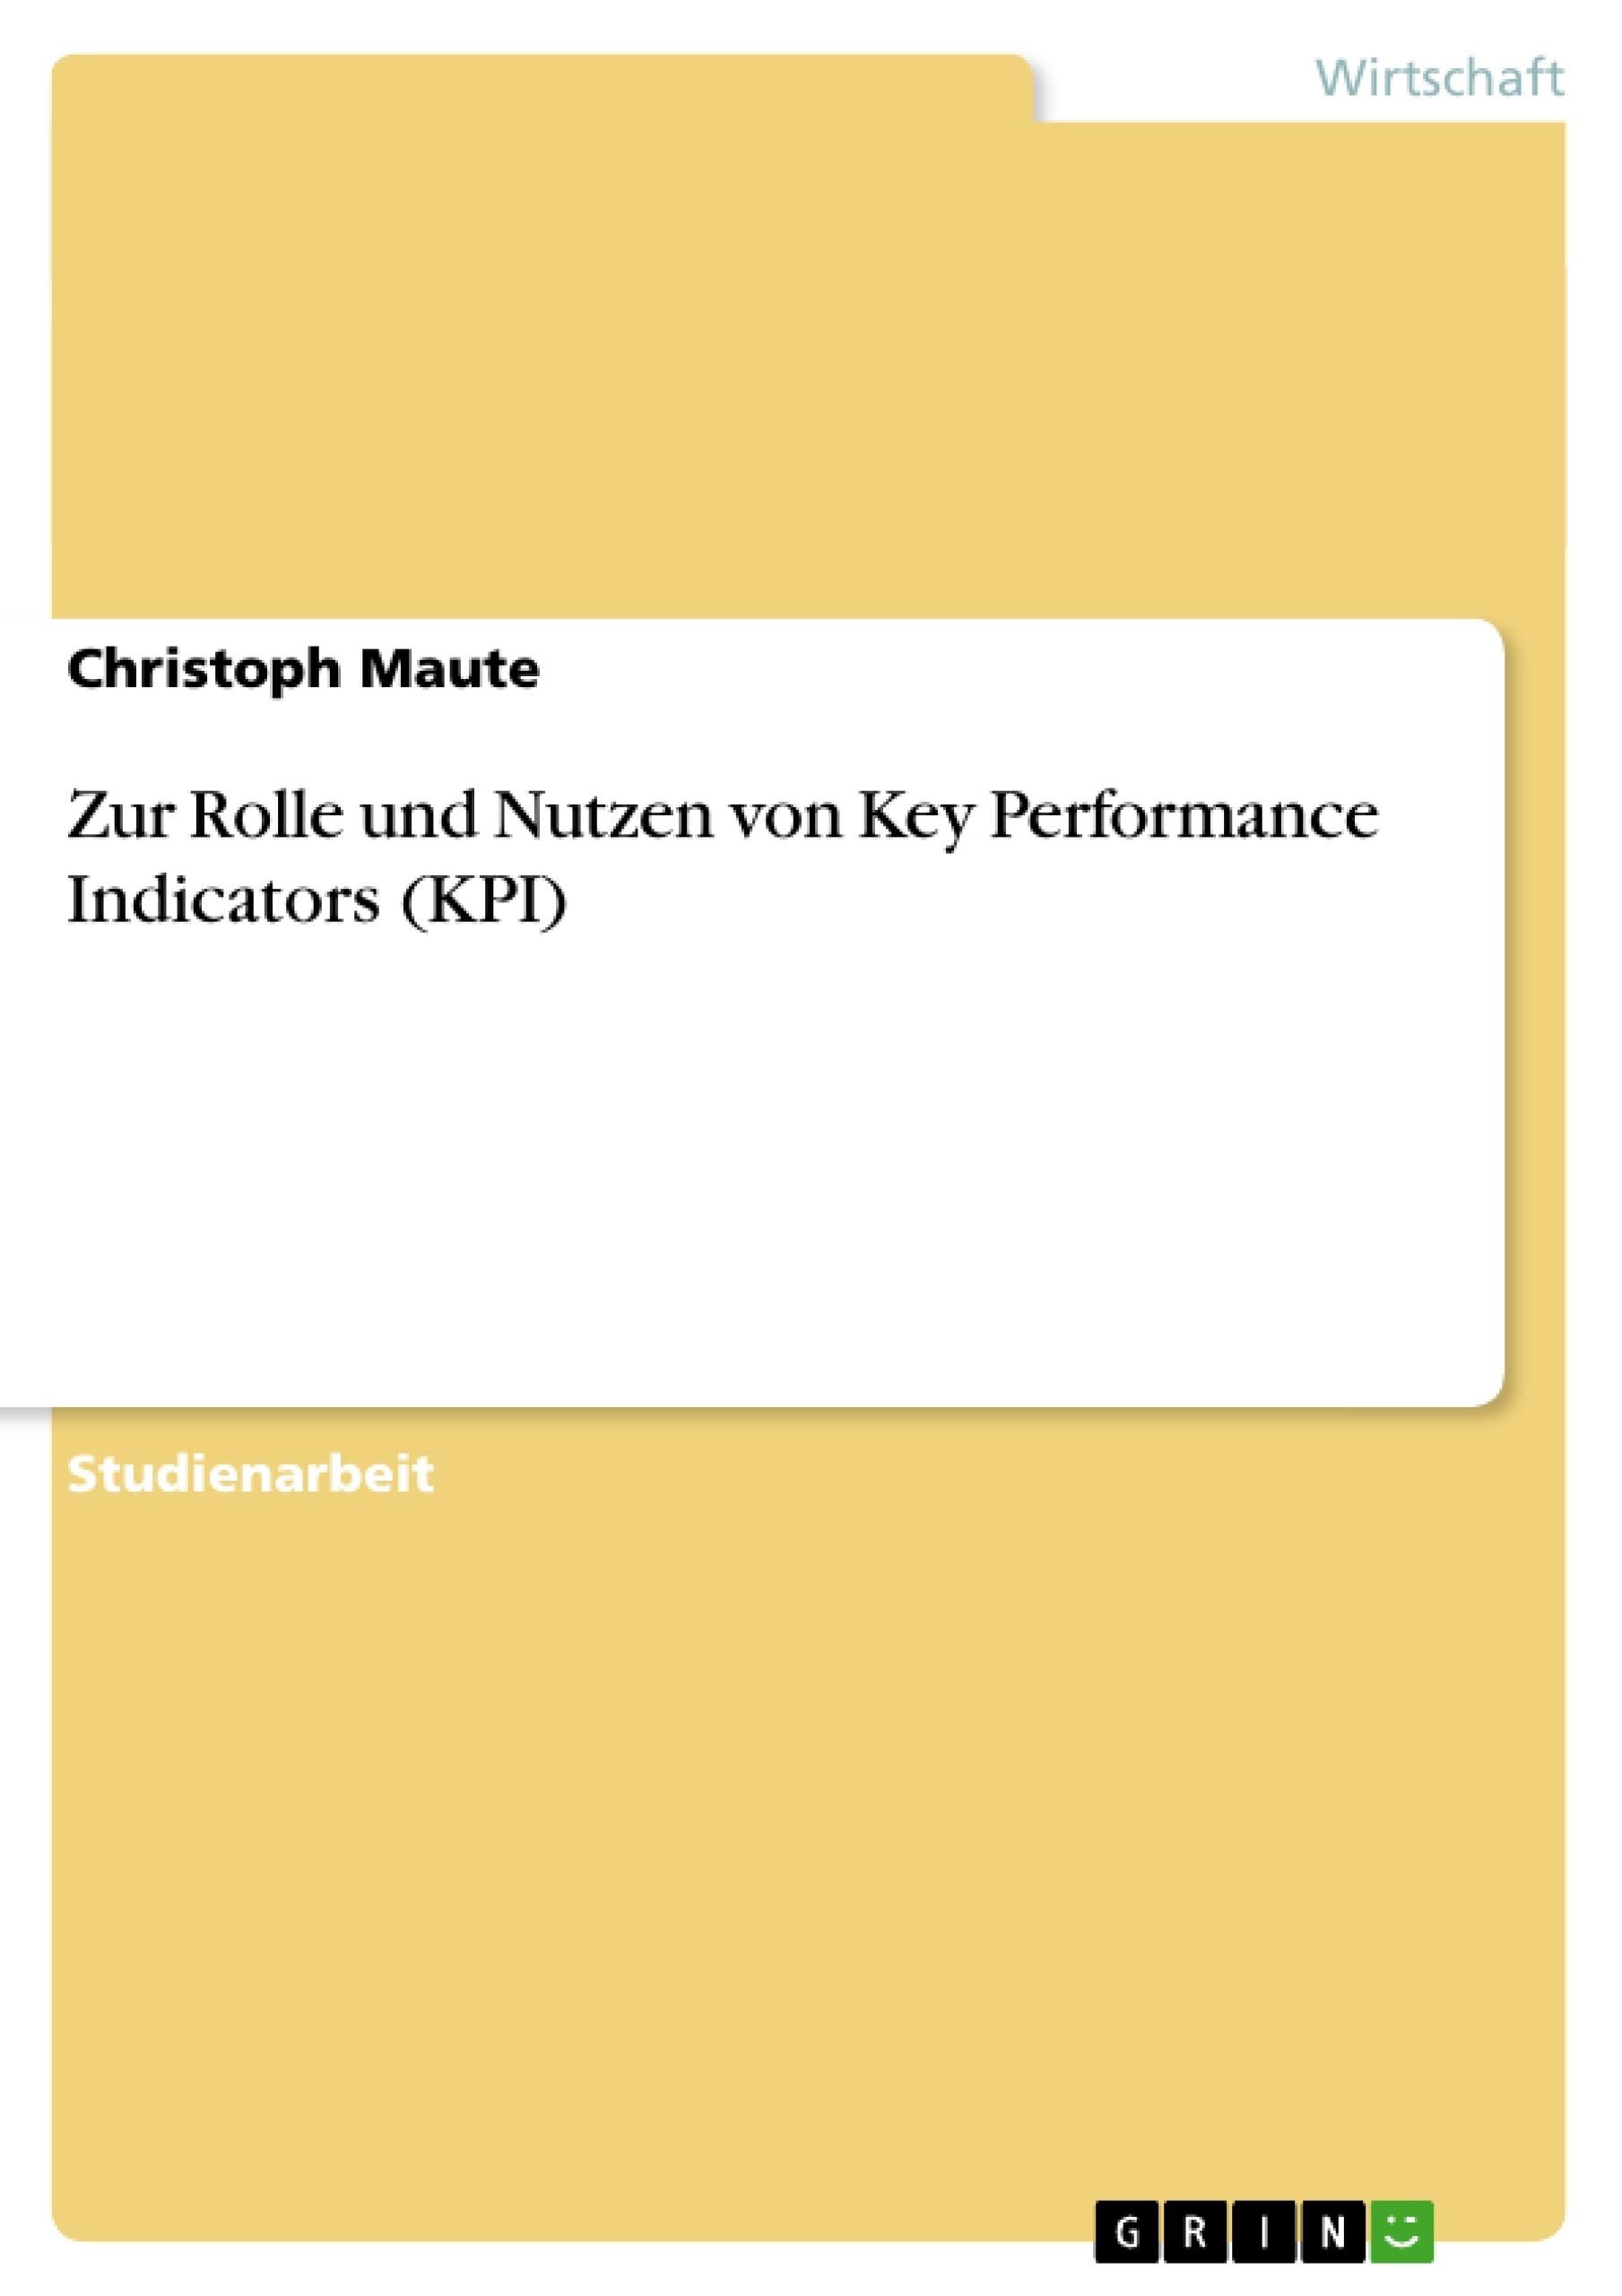 Titel: Zur Rolle und Nutzen von Key Performance Indicators (KPI)